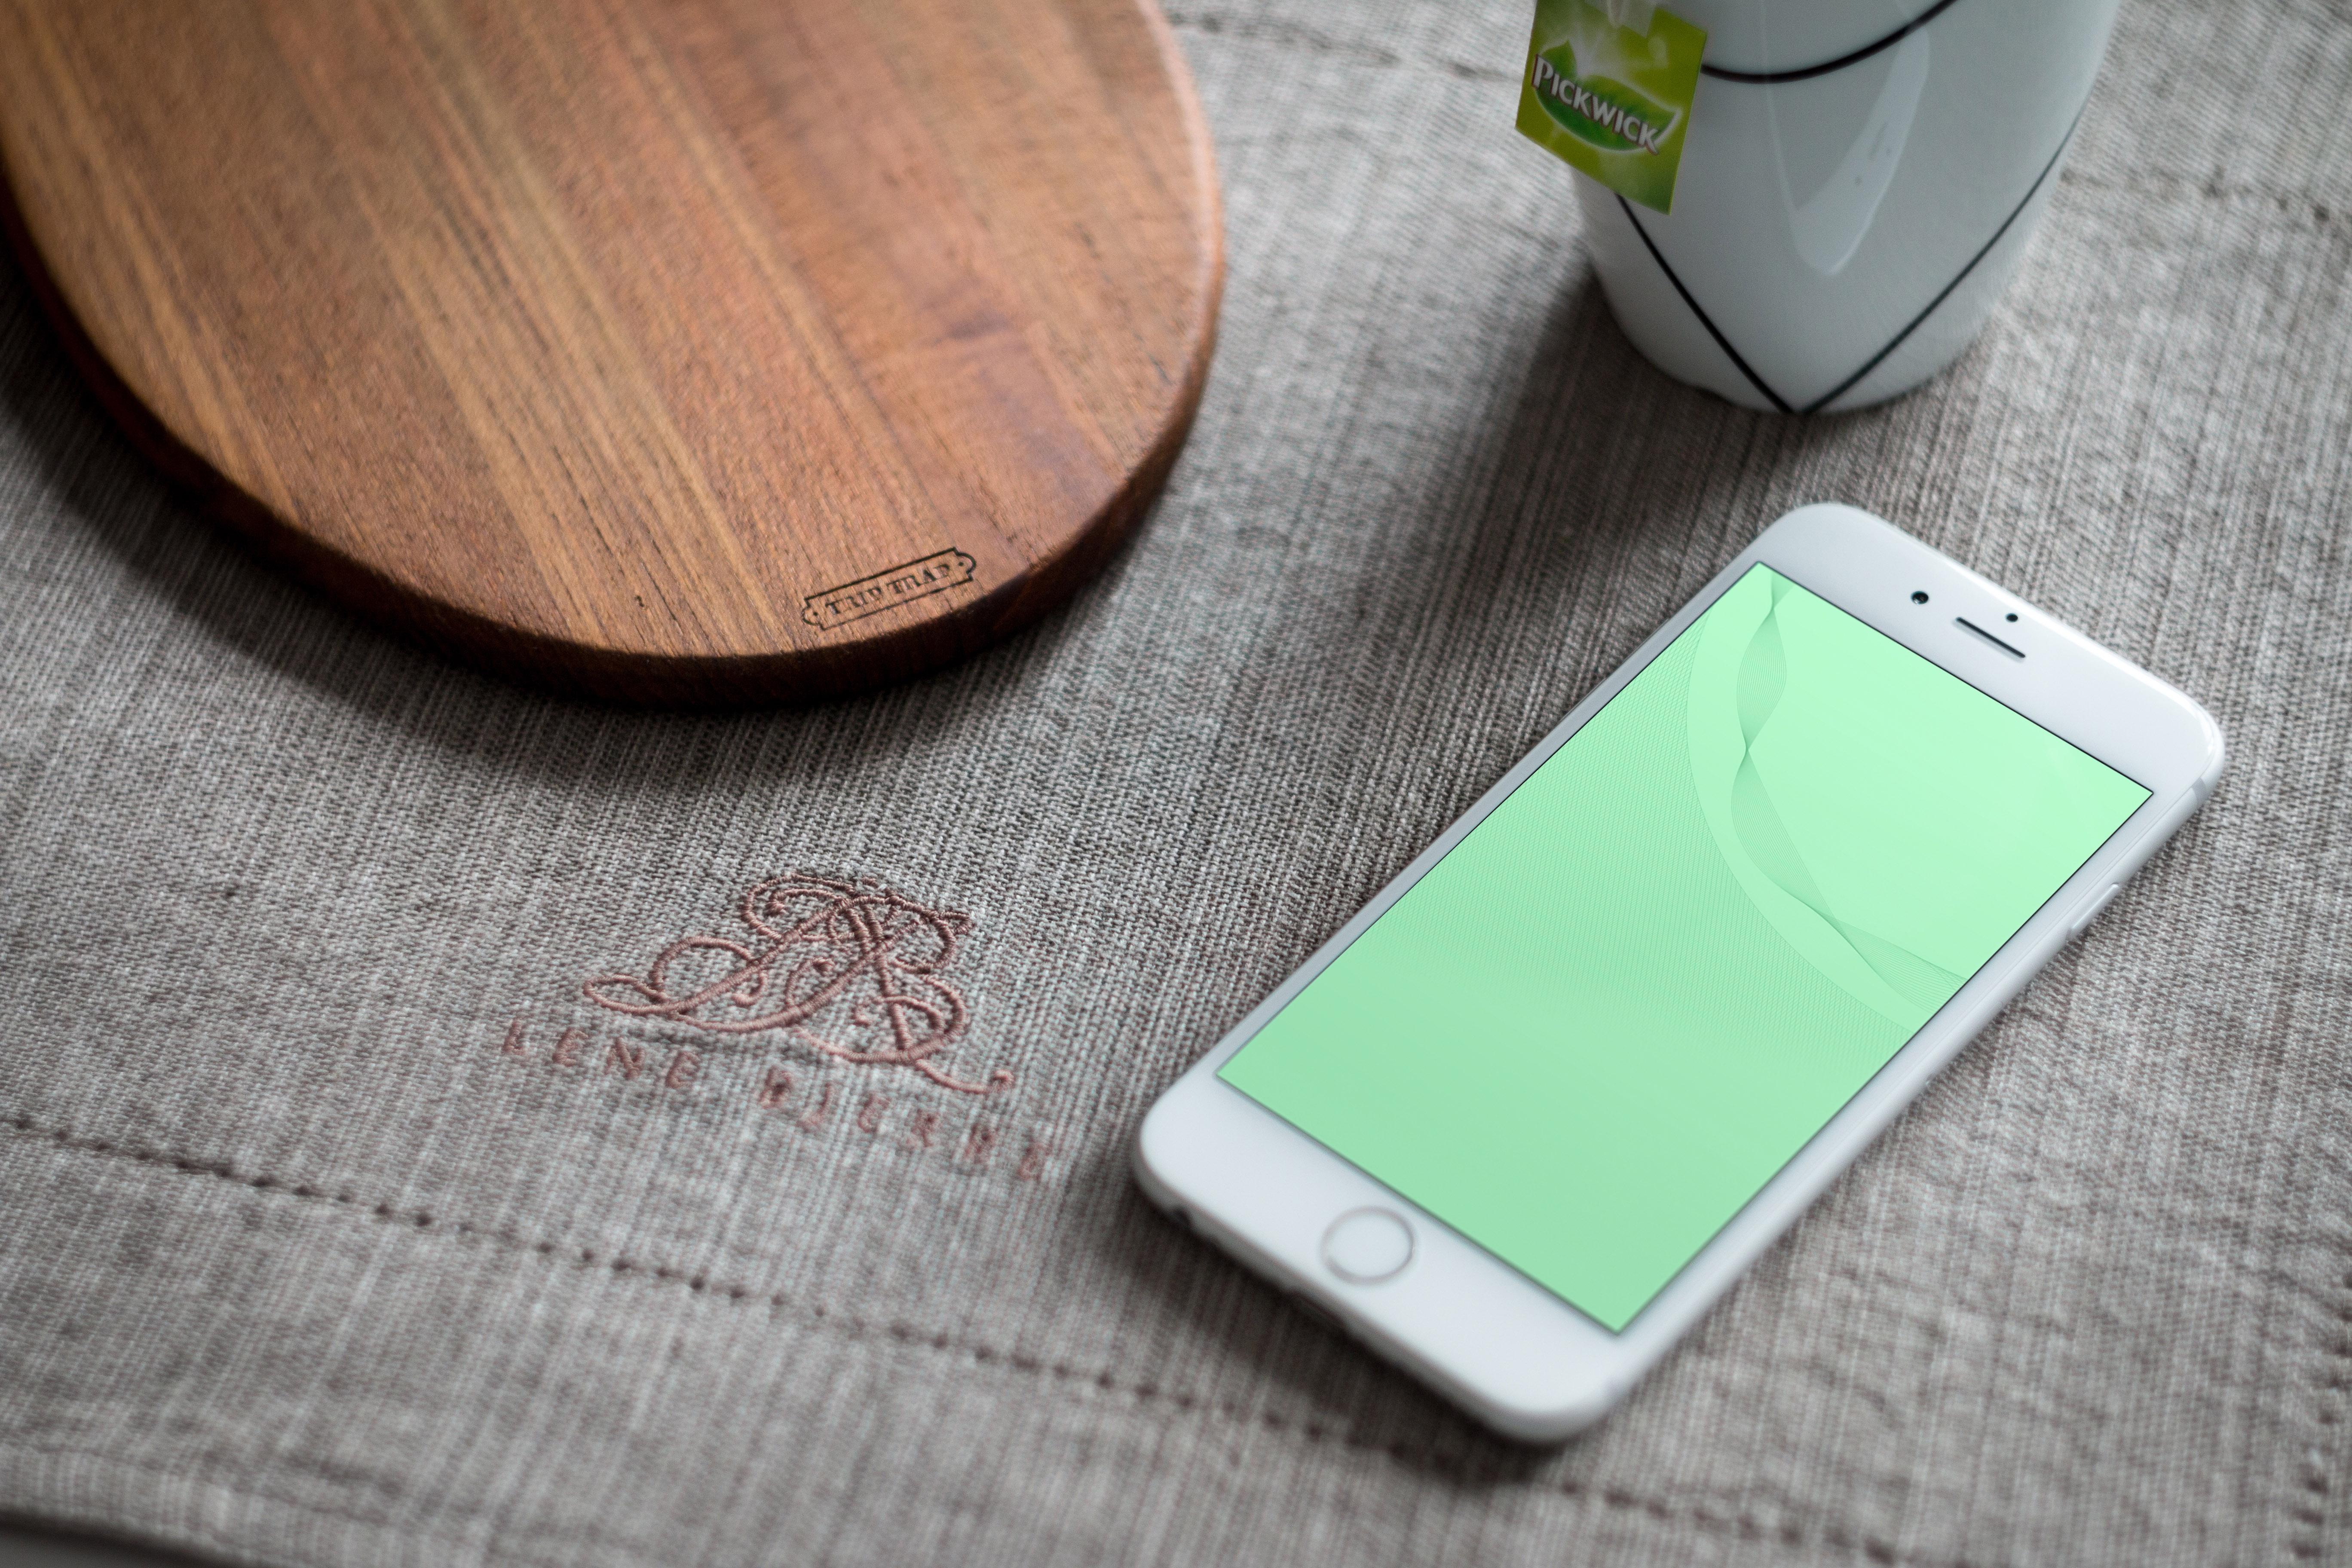 Обои из последней рекламной кампании Apple для iPhone, iPad и Mac